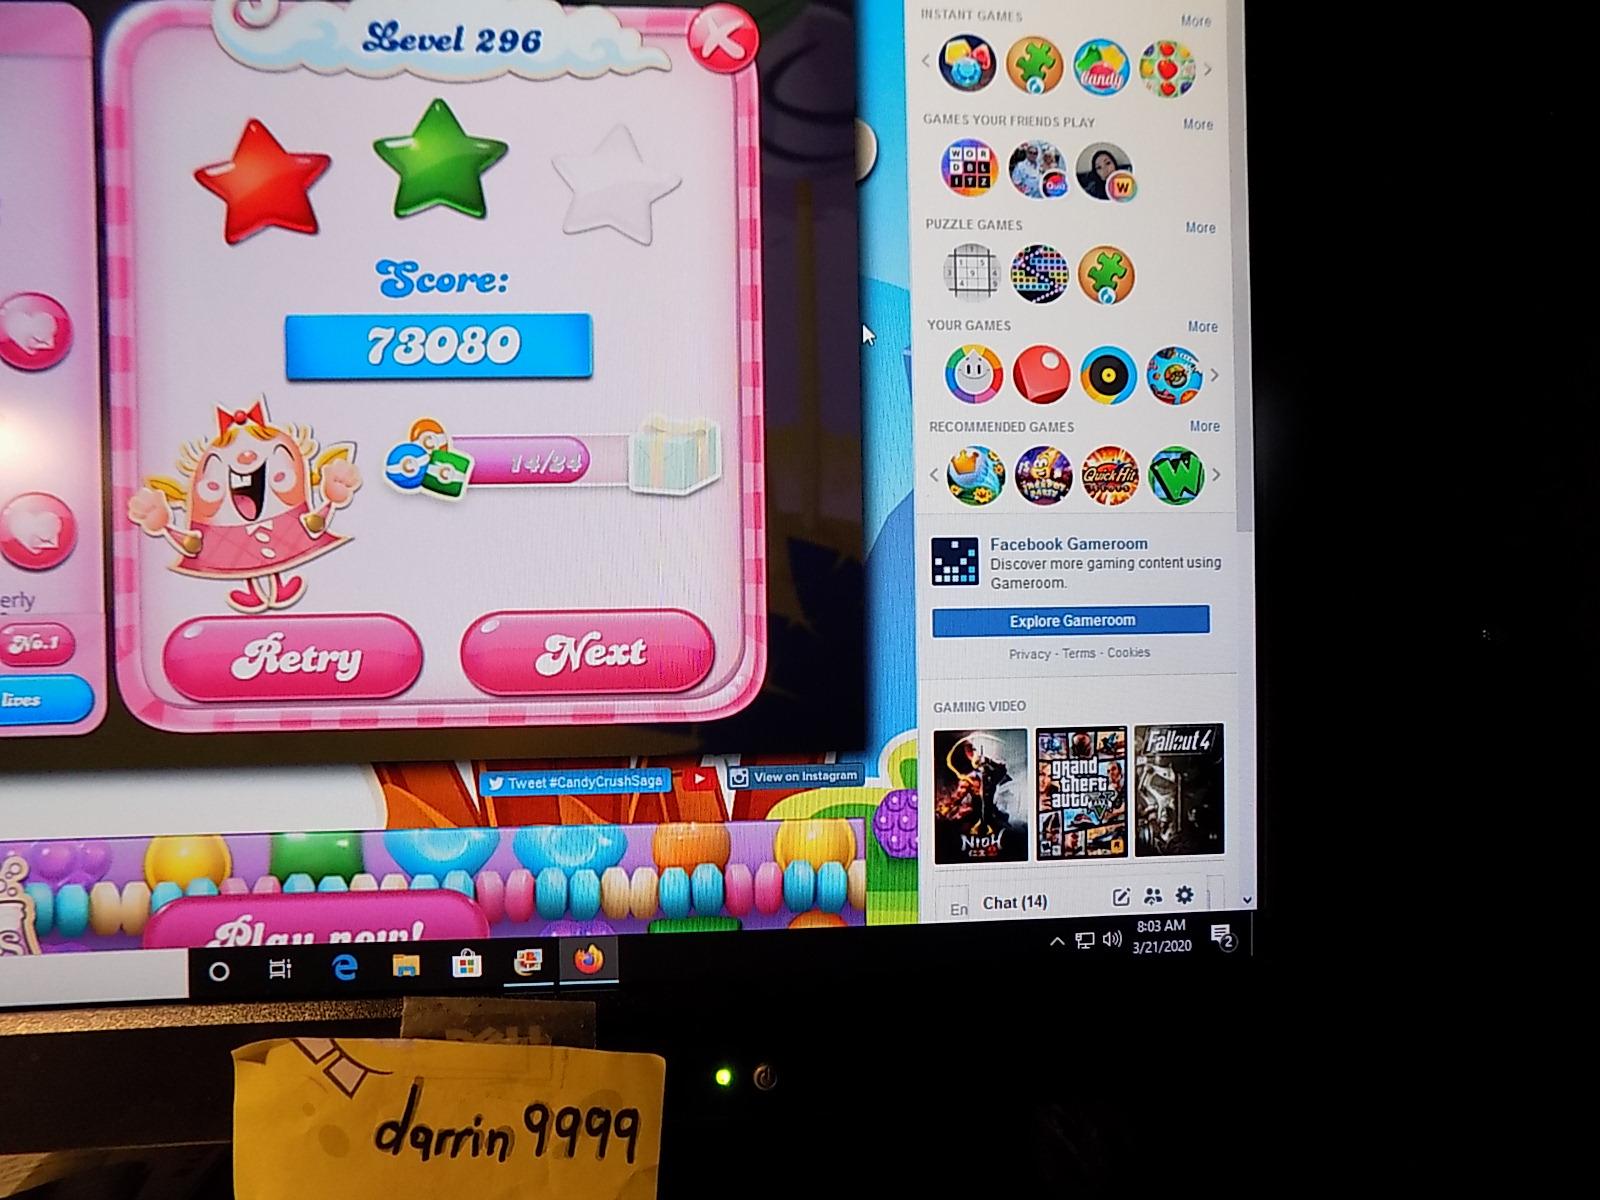 darrin9999: Candy Crush Saga: Level 296 (Web) 73,080 points on 2020-05-10 07:05:51